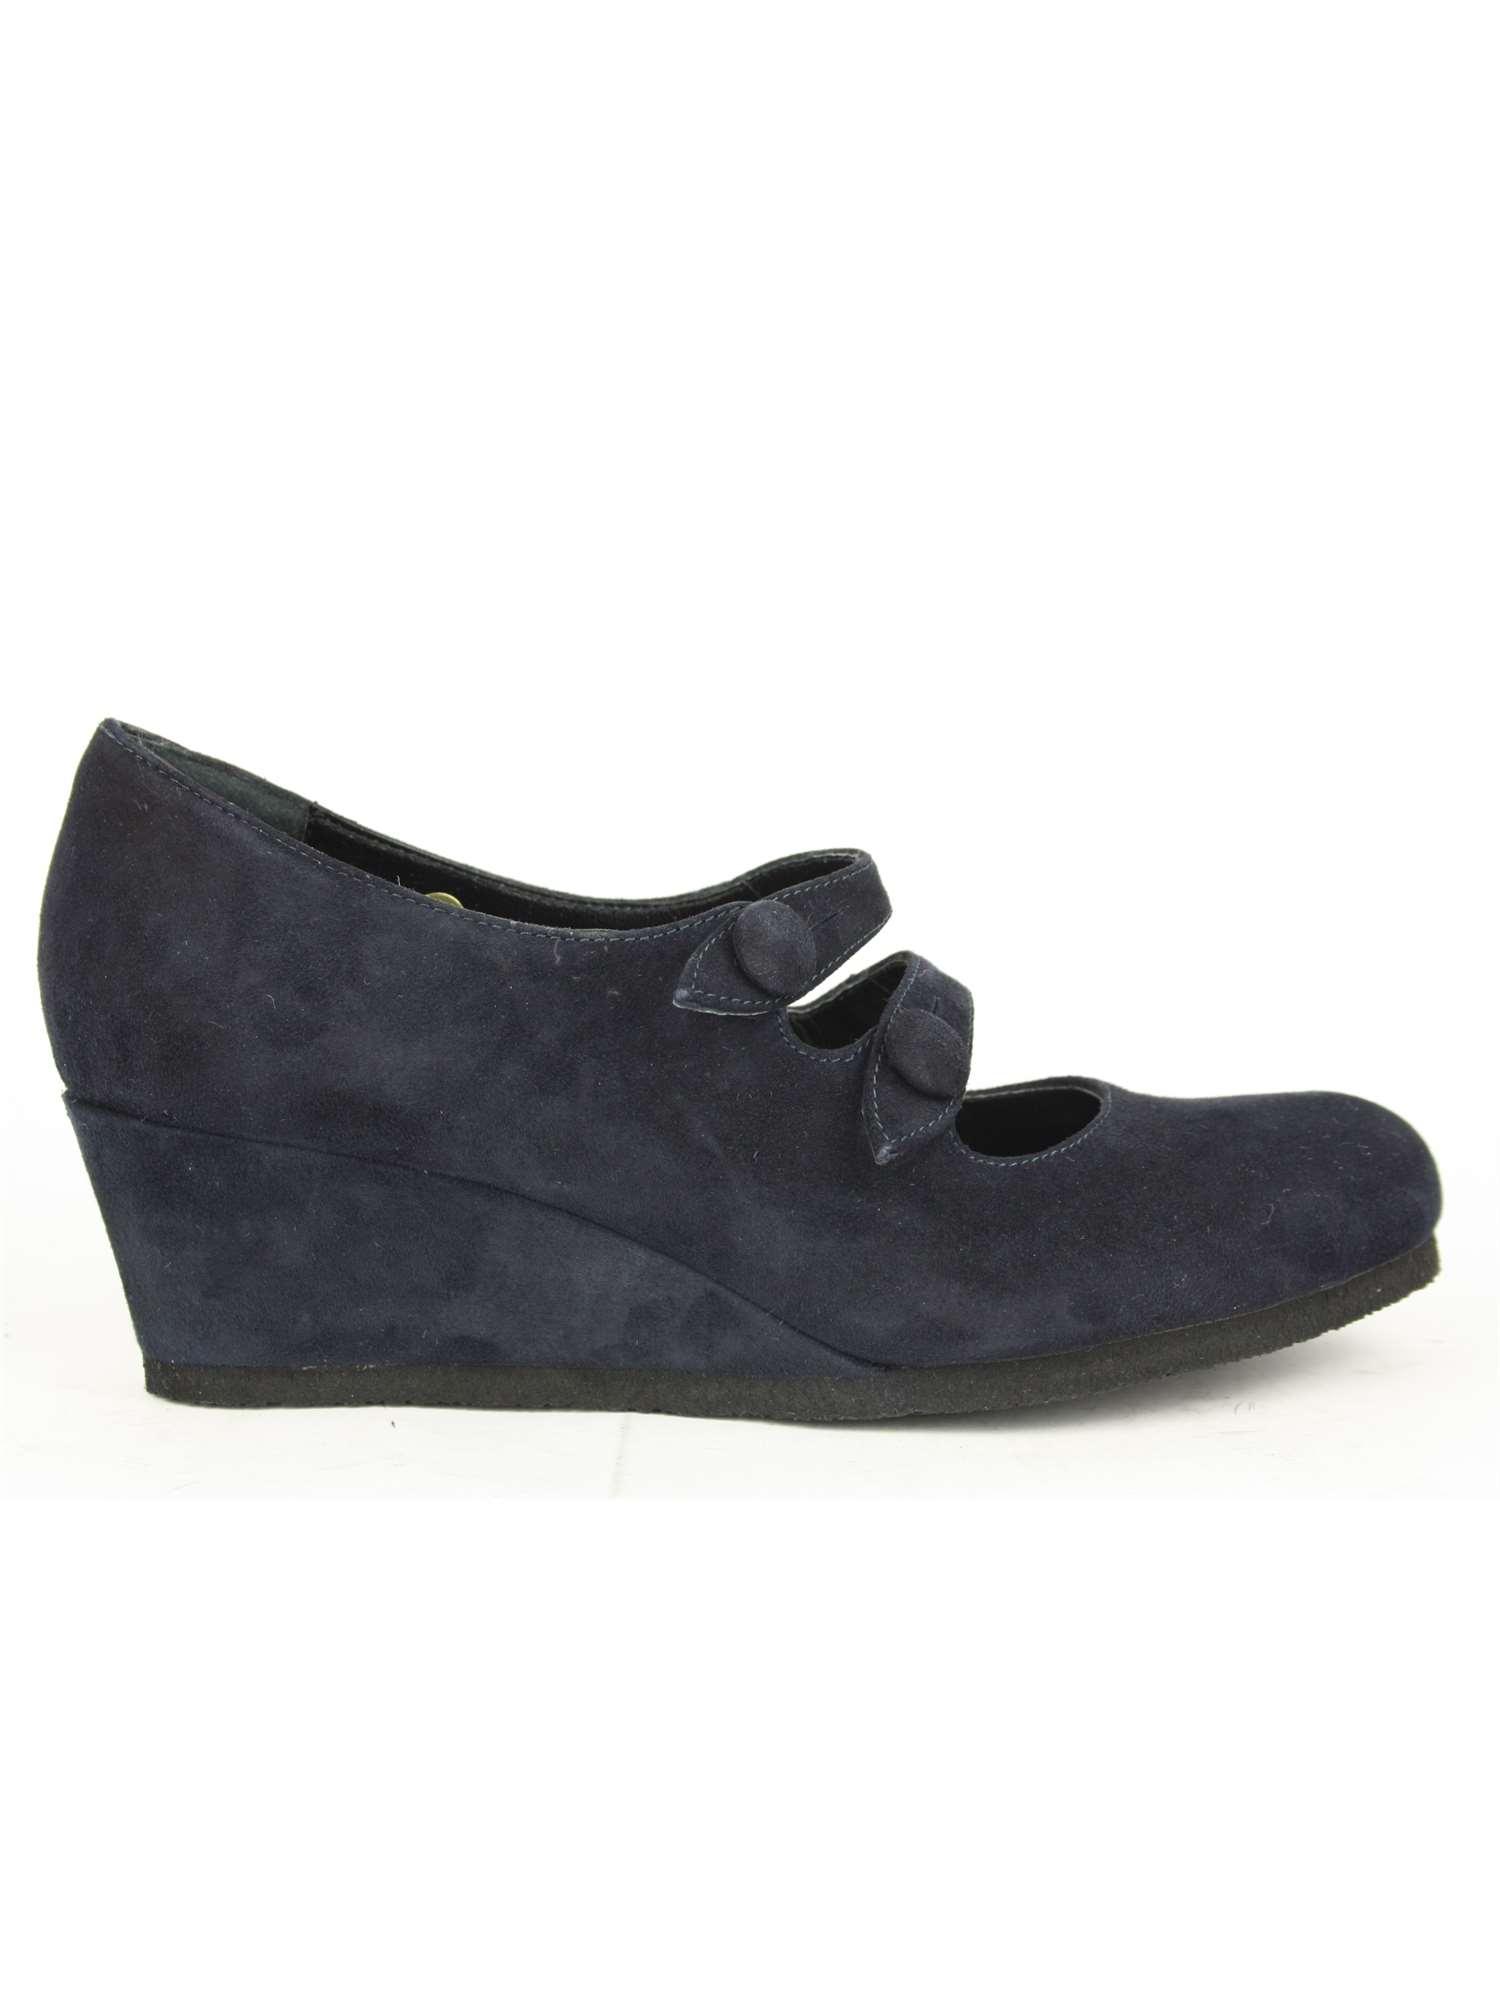 quality design 7f6ed ad5e8 Cervone Cinturino Blu | Cinturino Donna Camoscio | Tania ...